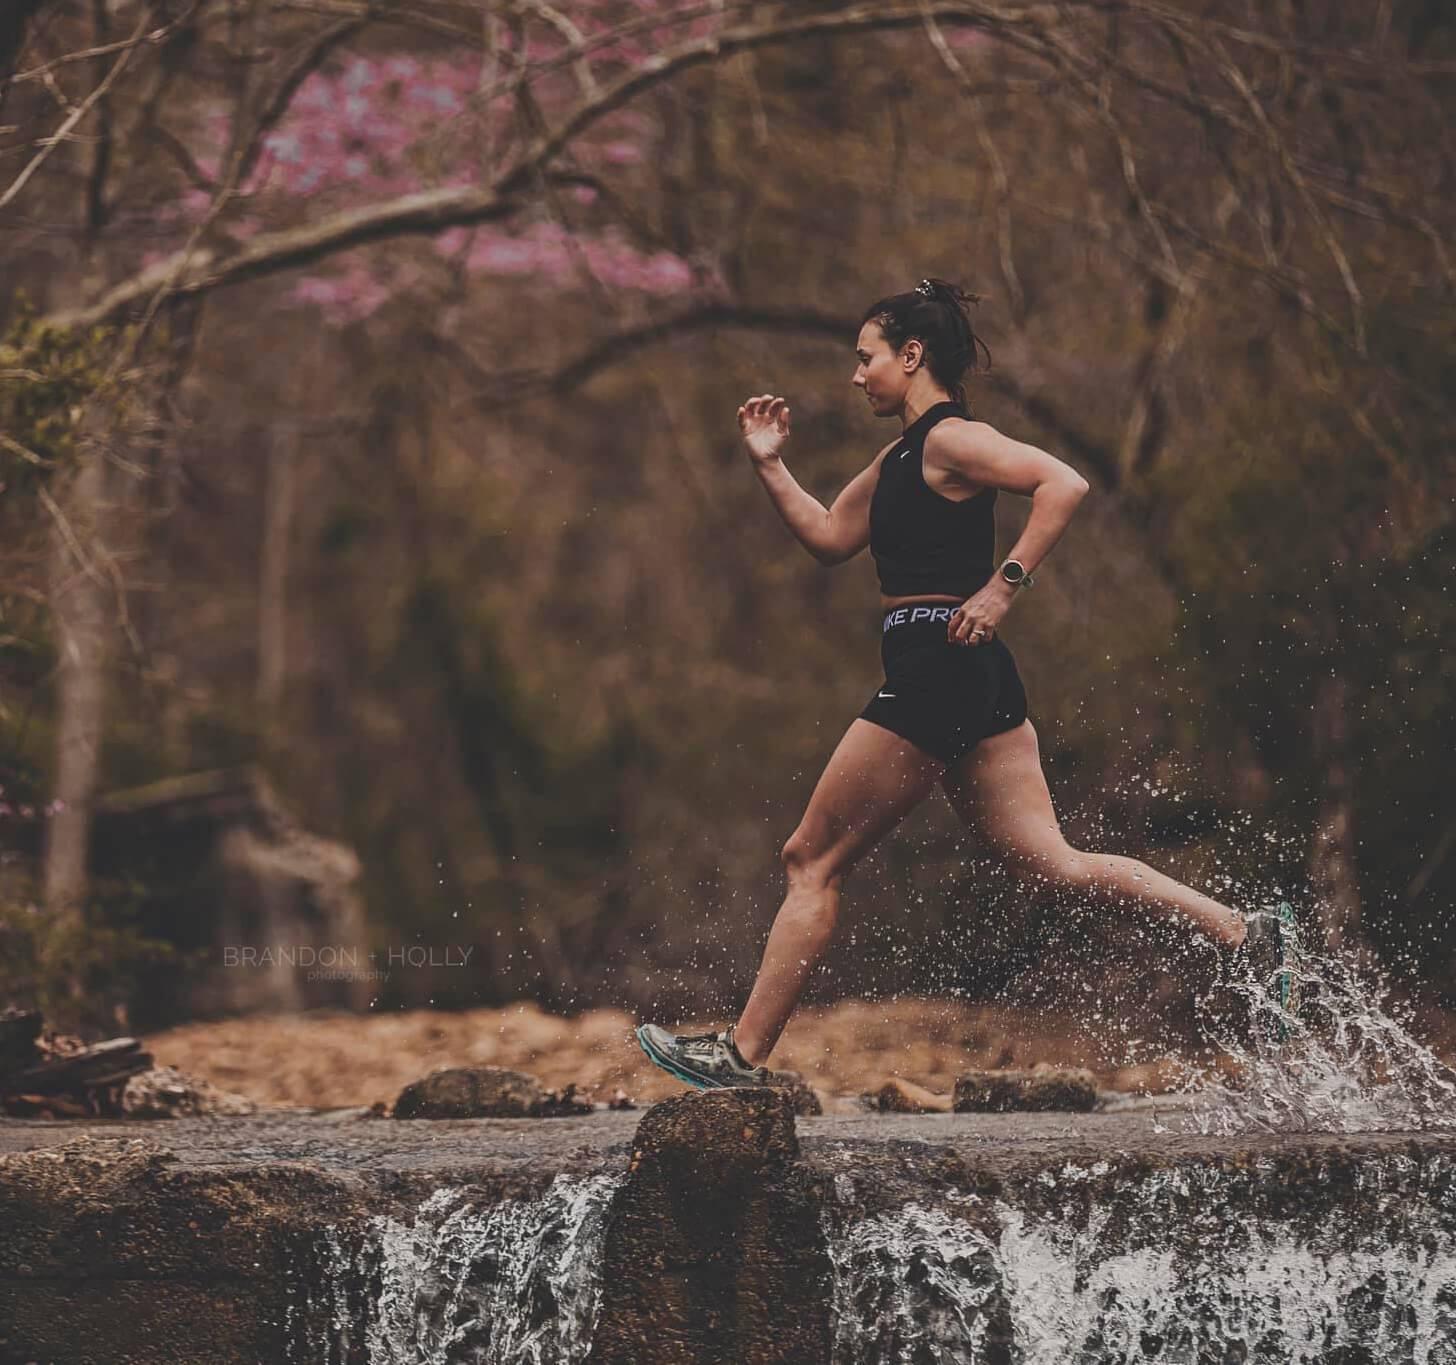 iFIT Member Breanna Maurer does a running class